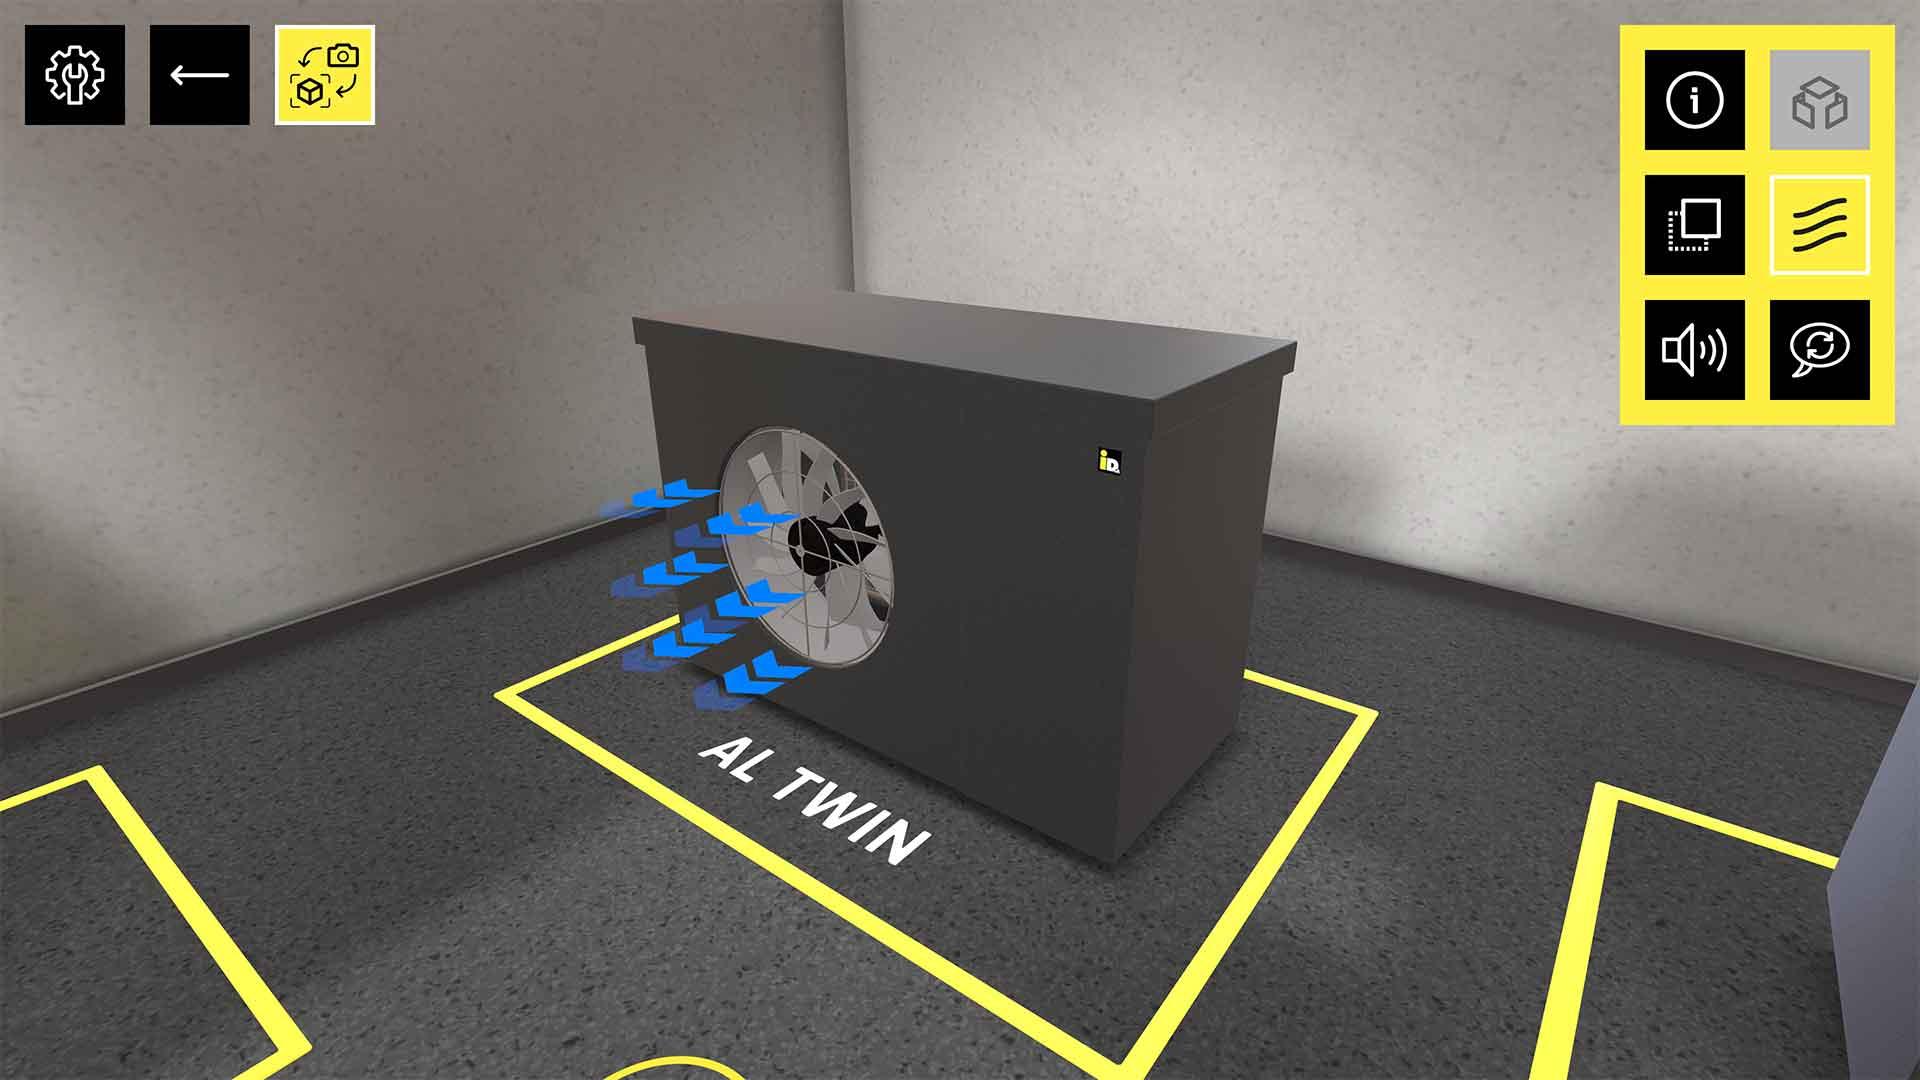 Im virtuellen Schauraum von iDM können Besucher sich frei im 3D Raum bewegen und mit den Produkten interagieren oder Zusatzinformationen einblenden.